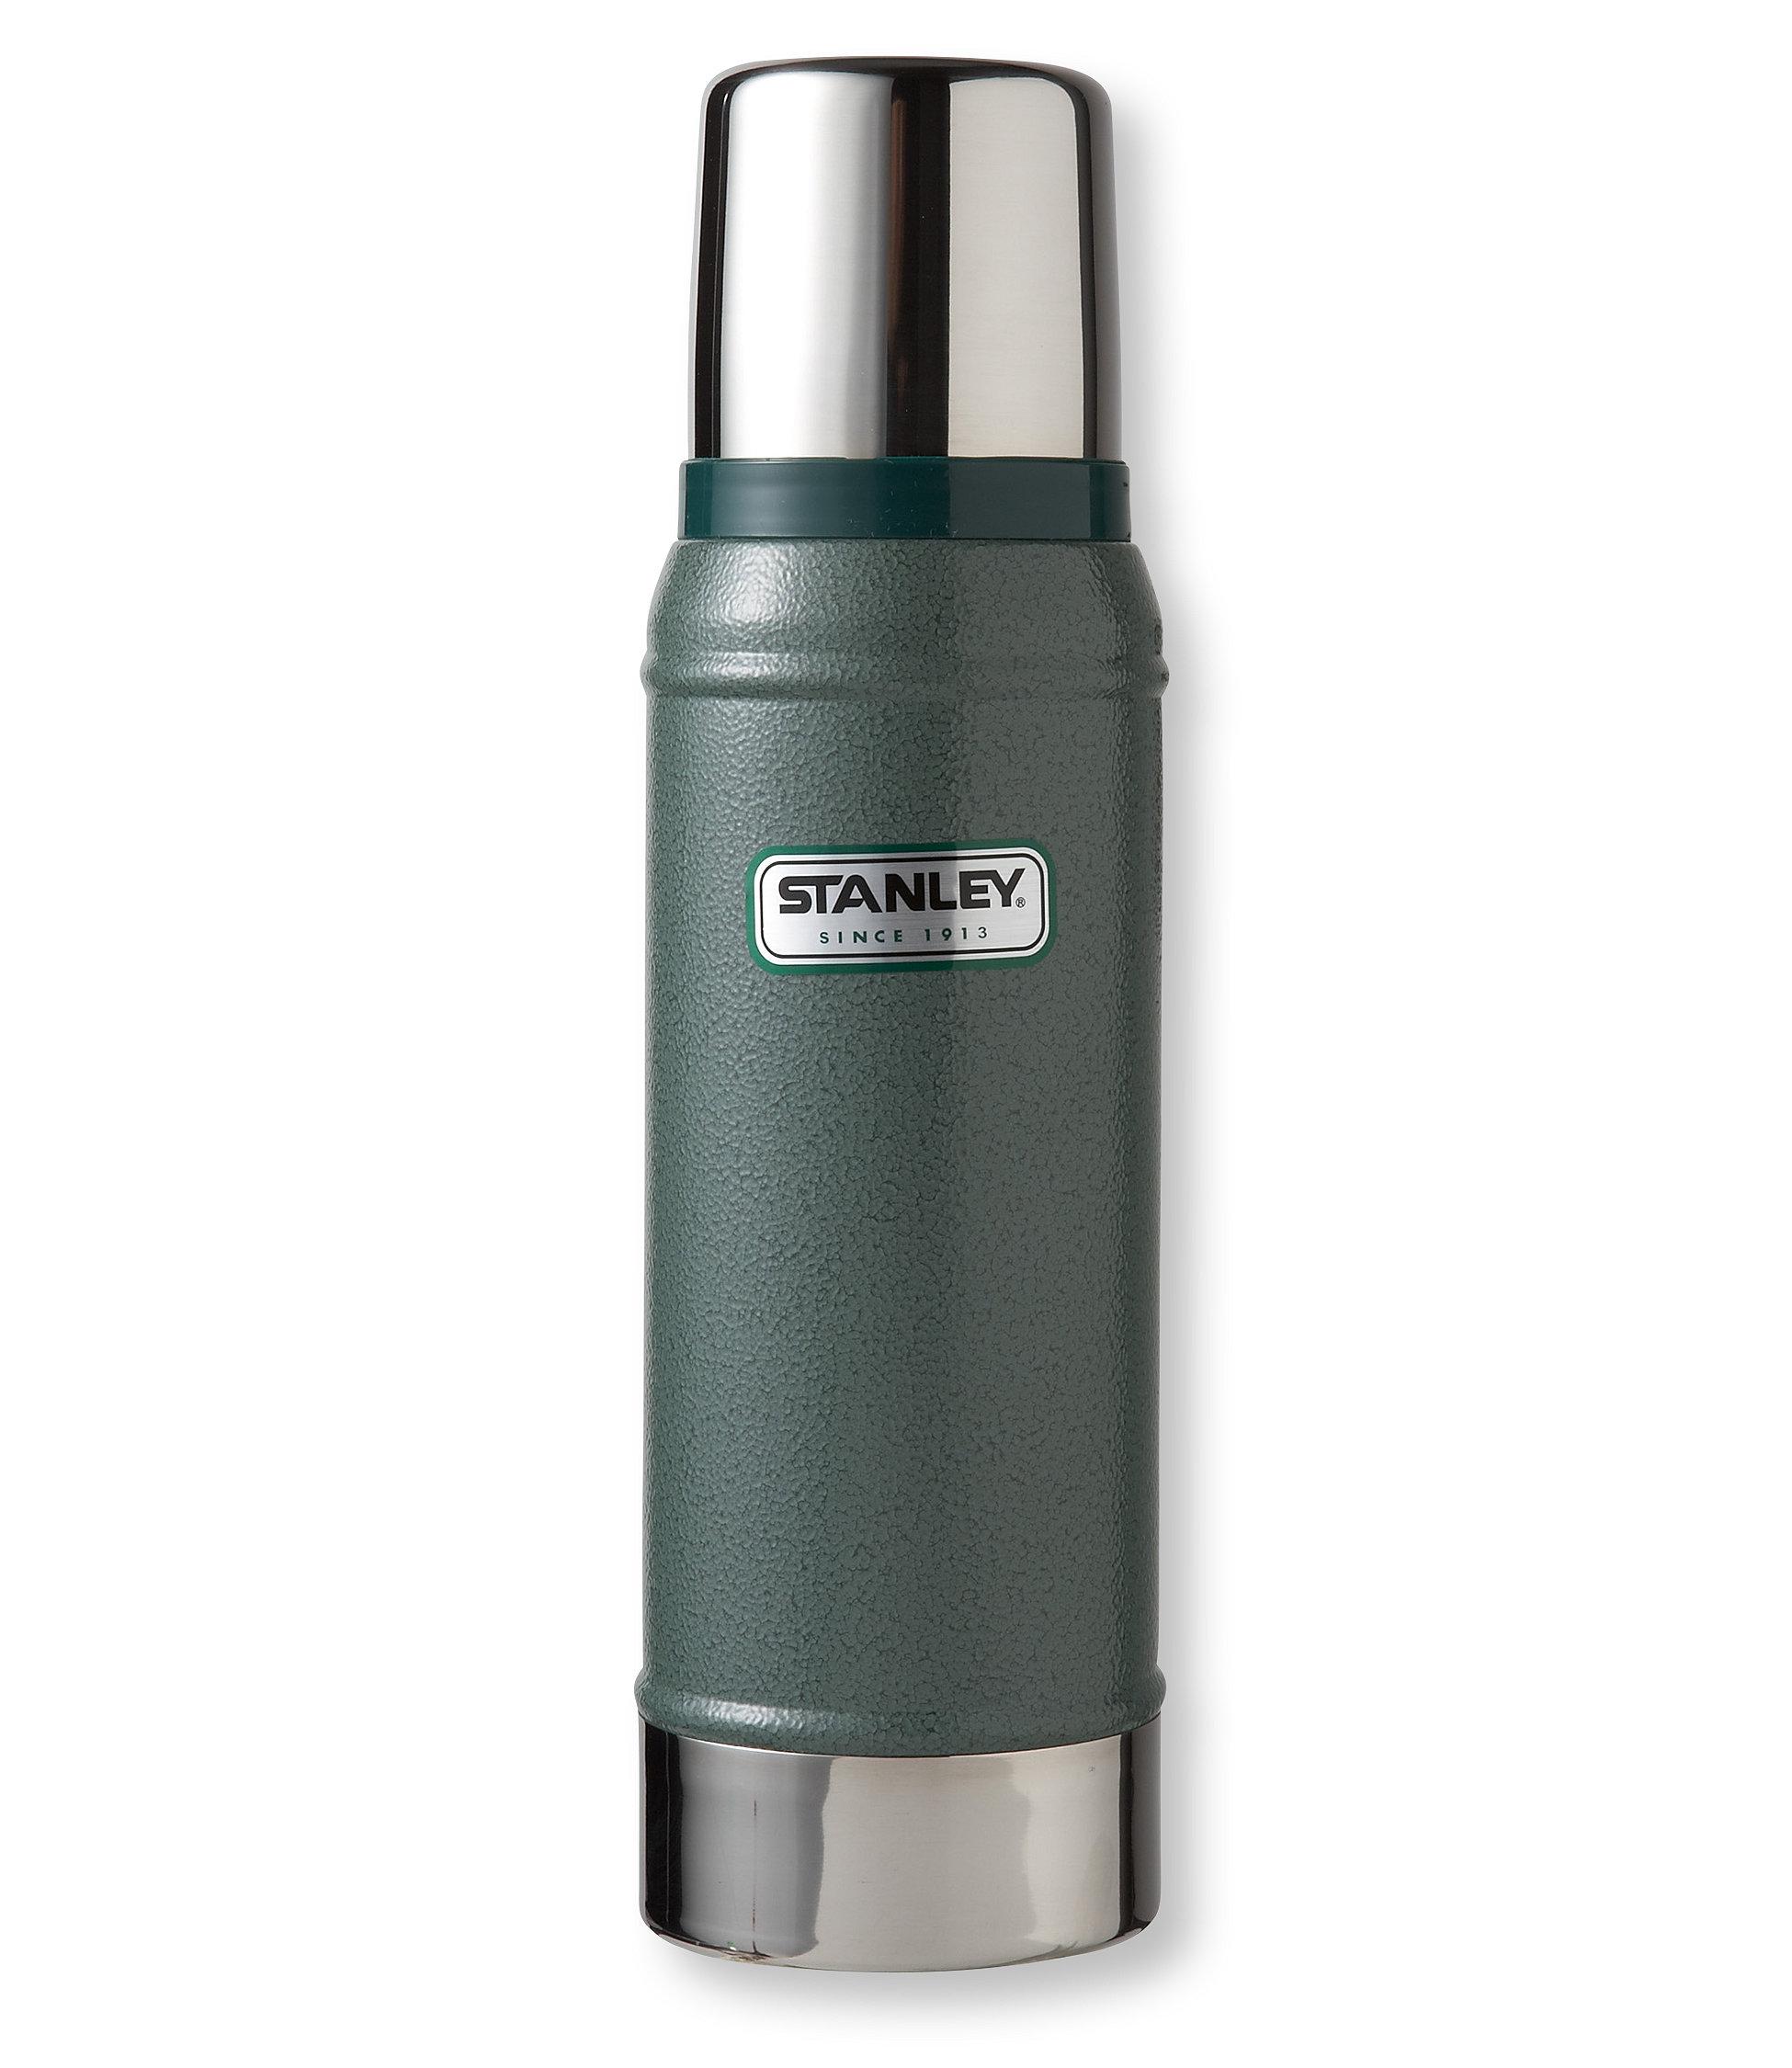 Stanley Nineteen13 Stainless Steel Vacuum Bottle 24 oz.